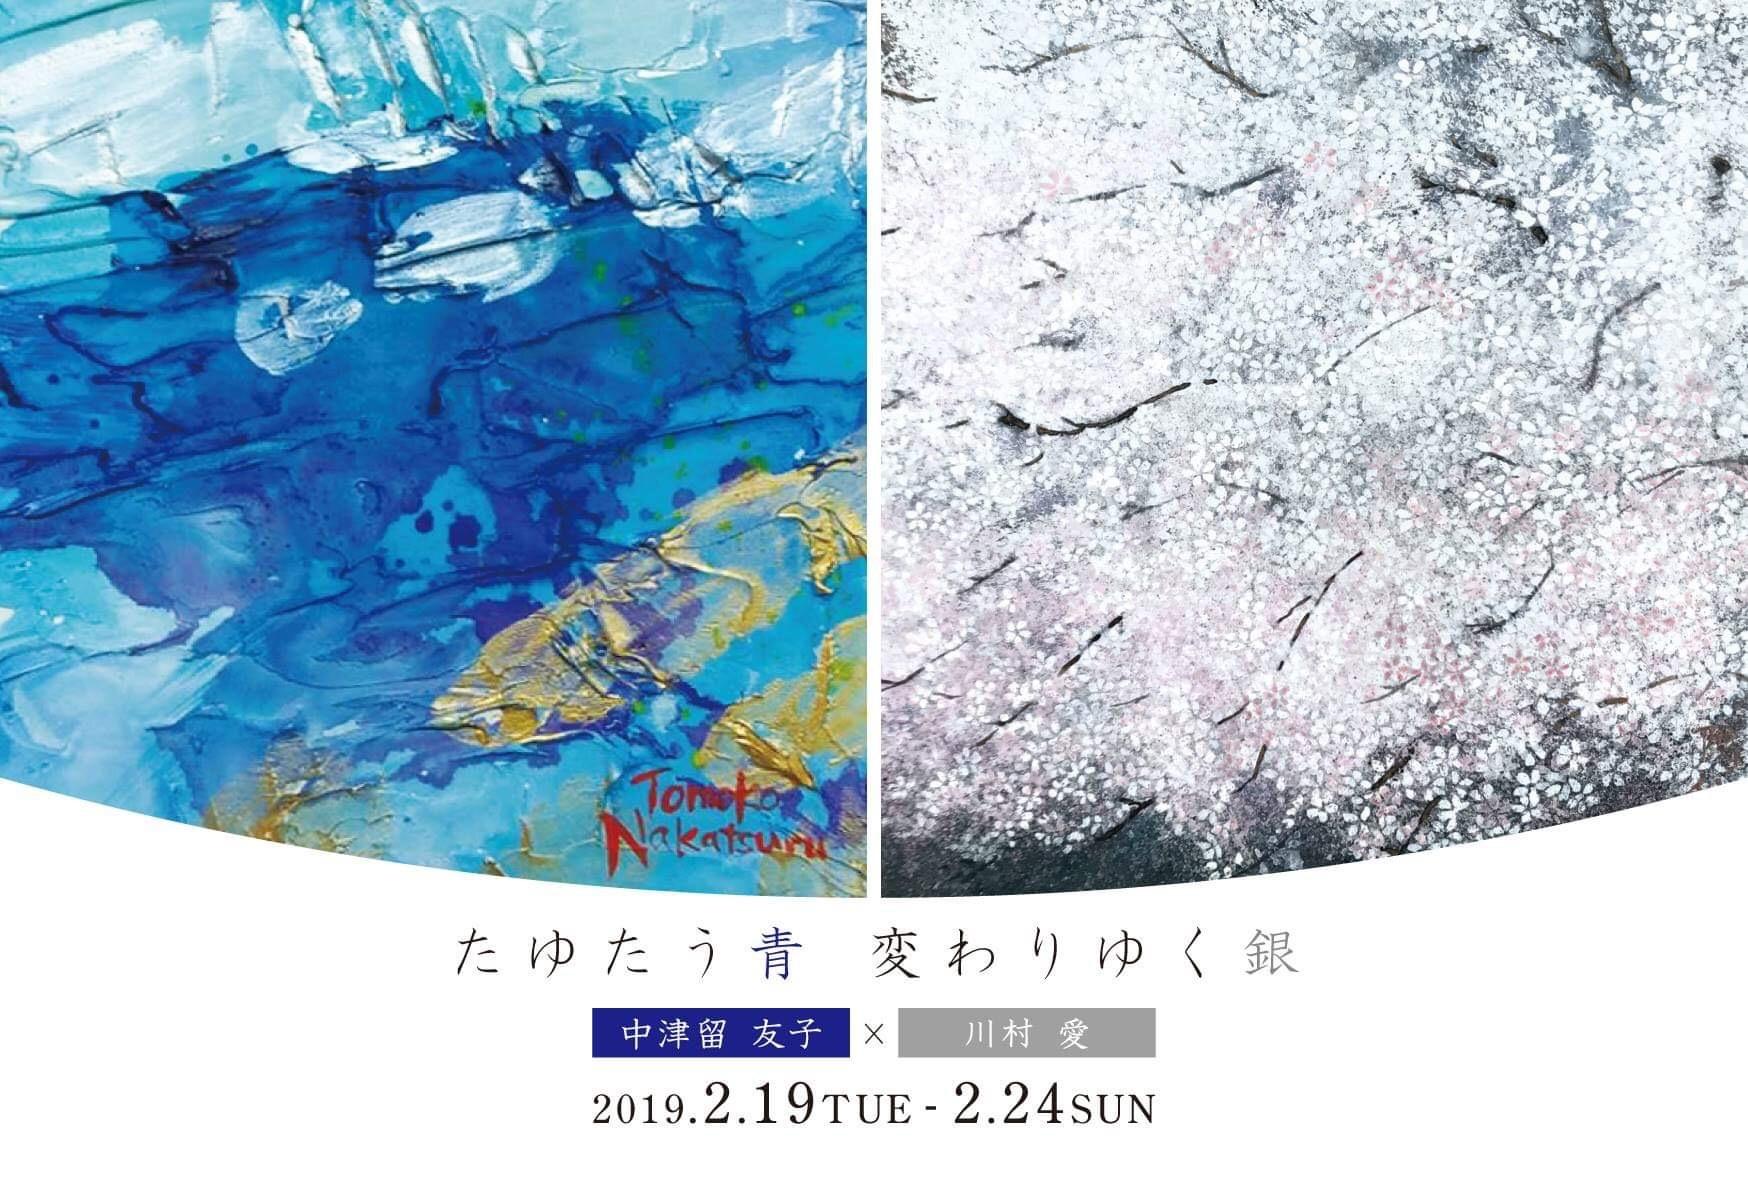 たゆたう青 変わりゆく銀_b0233937_23060759.jpeg